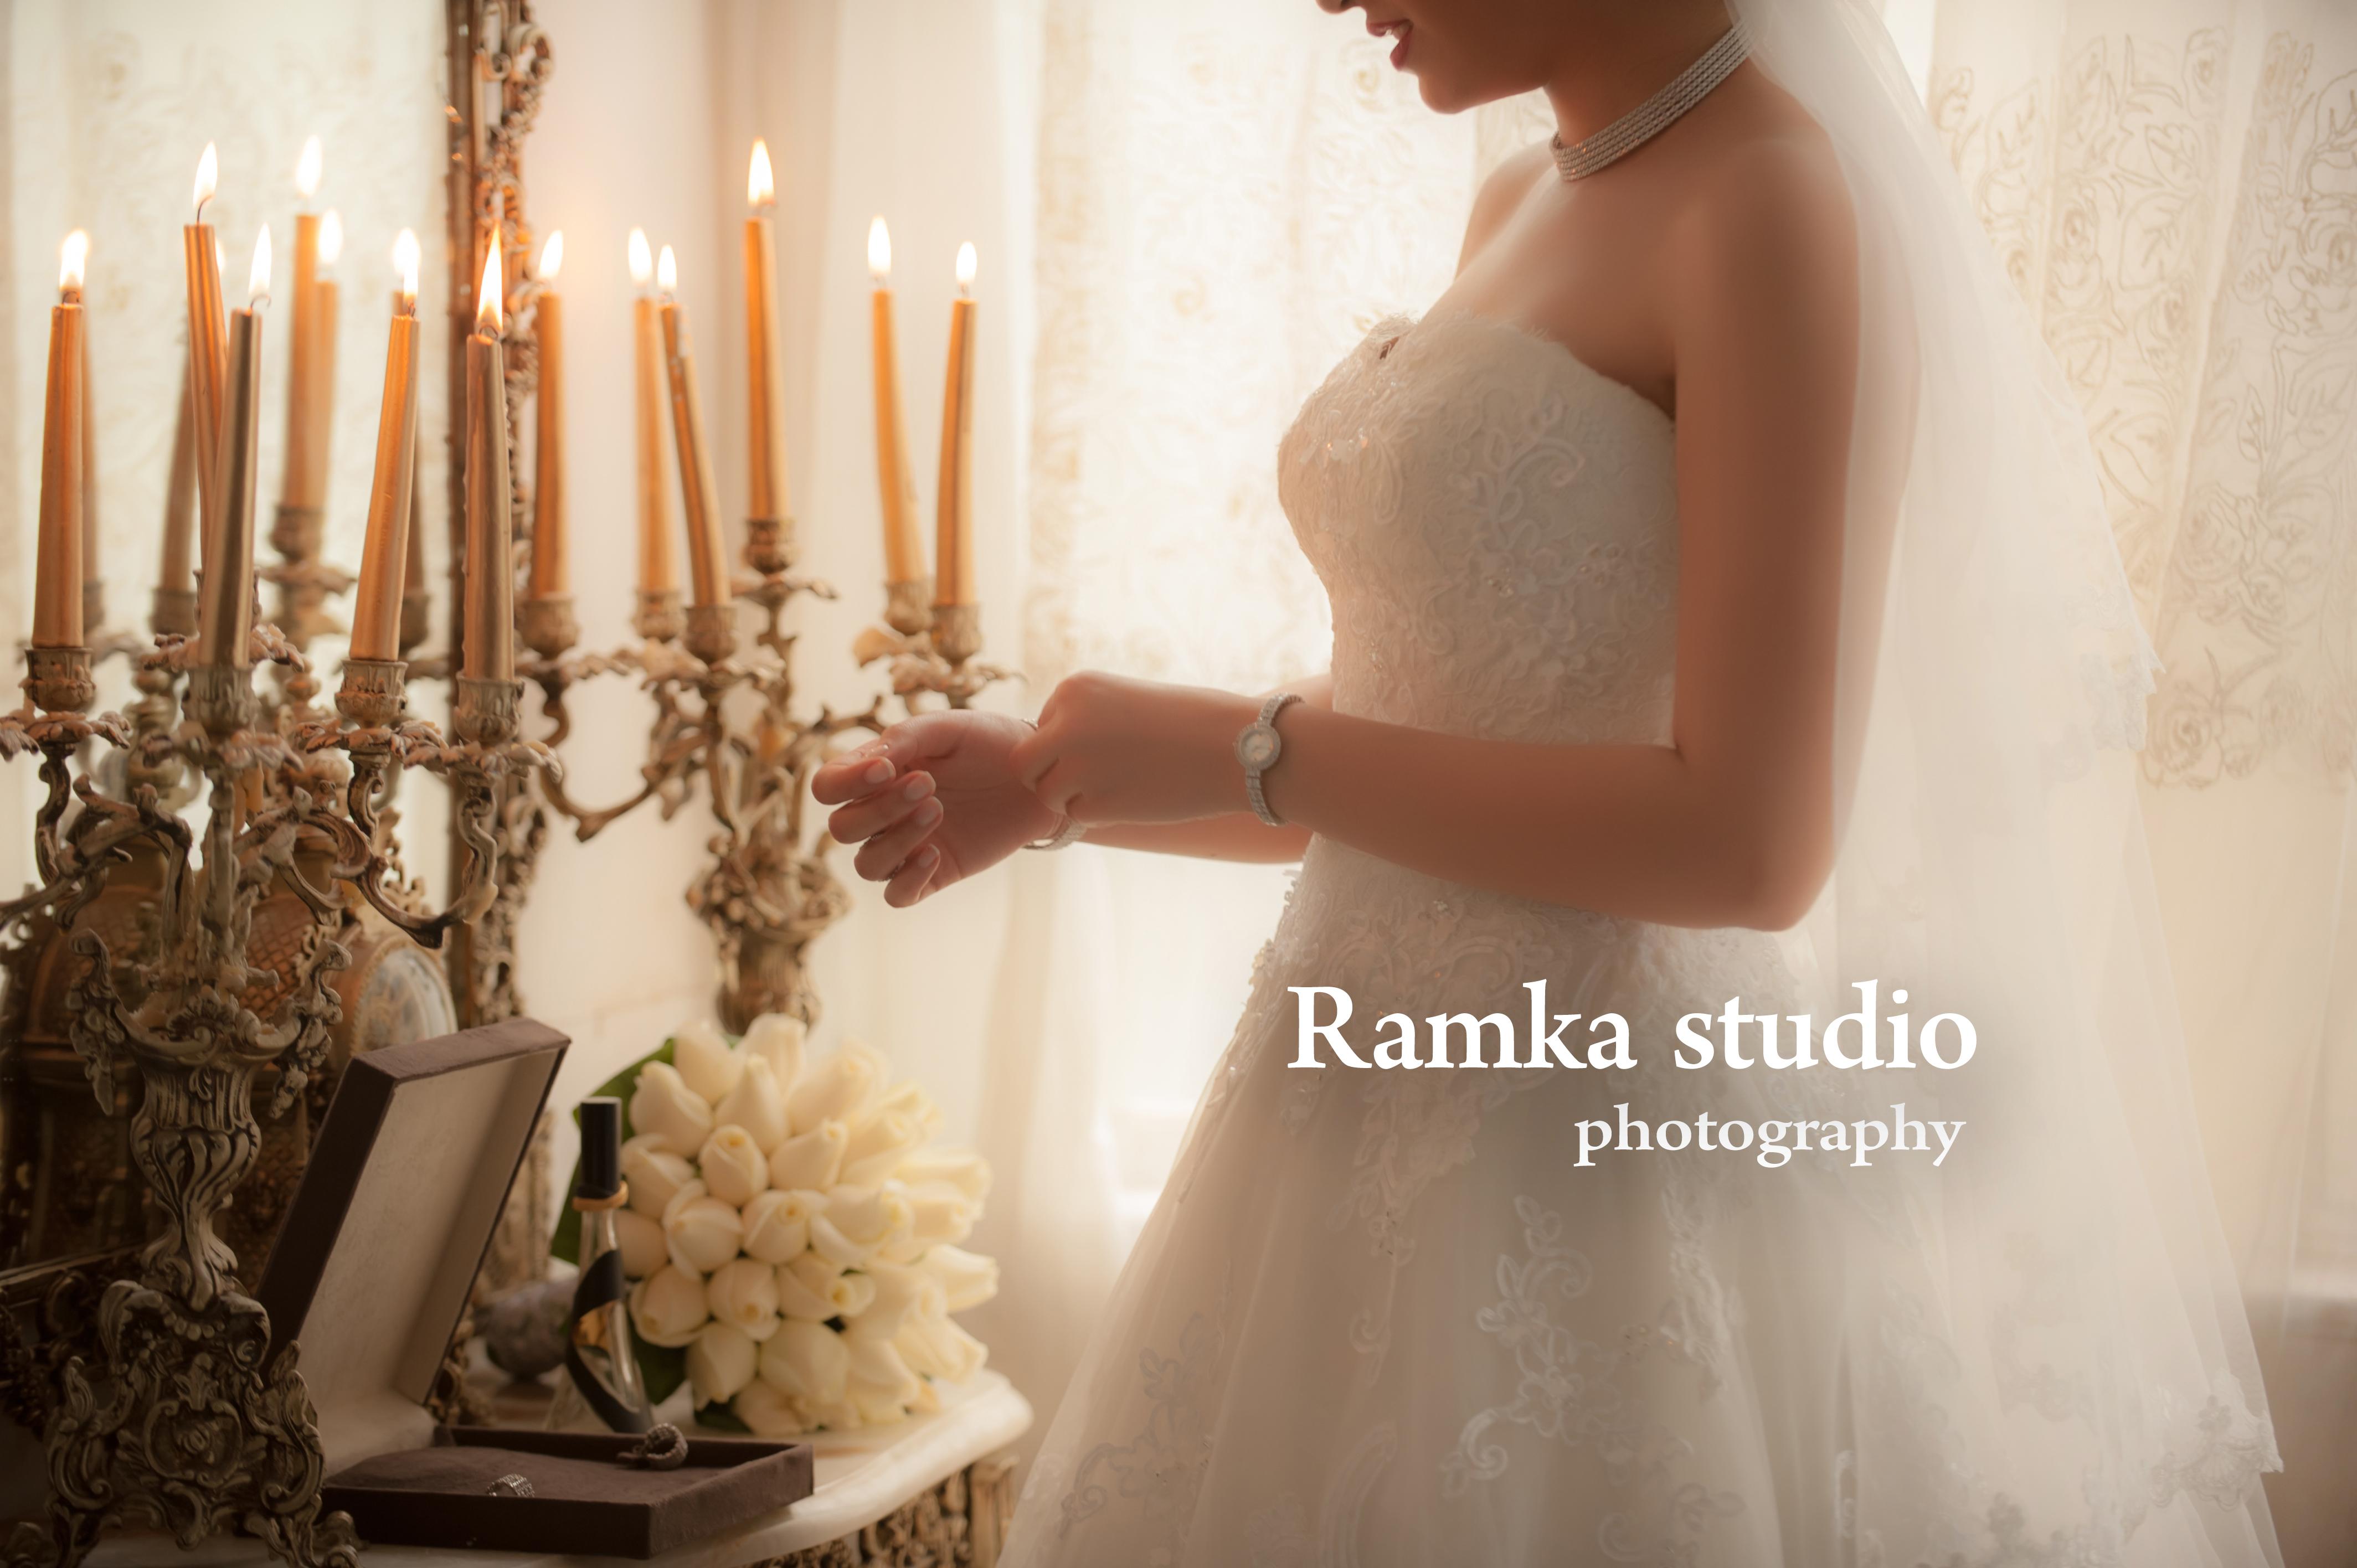 آتلیه عکس و فیلم رامکا6